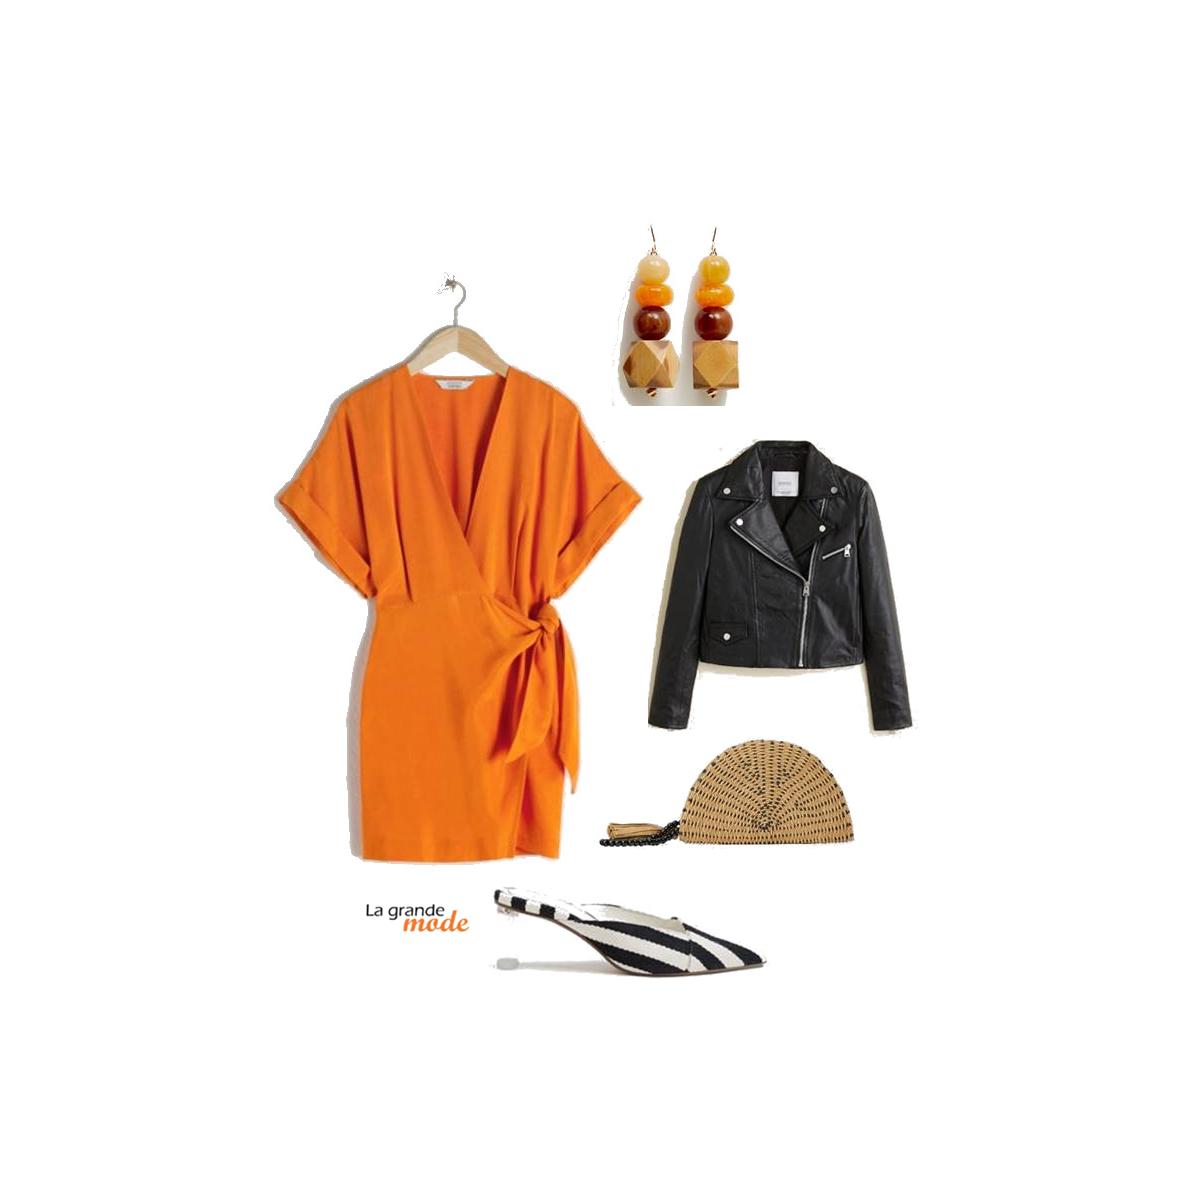 La Grande Mode - Idée look avec une robe orange - Tendance mode printemps été 2019